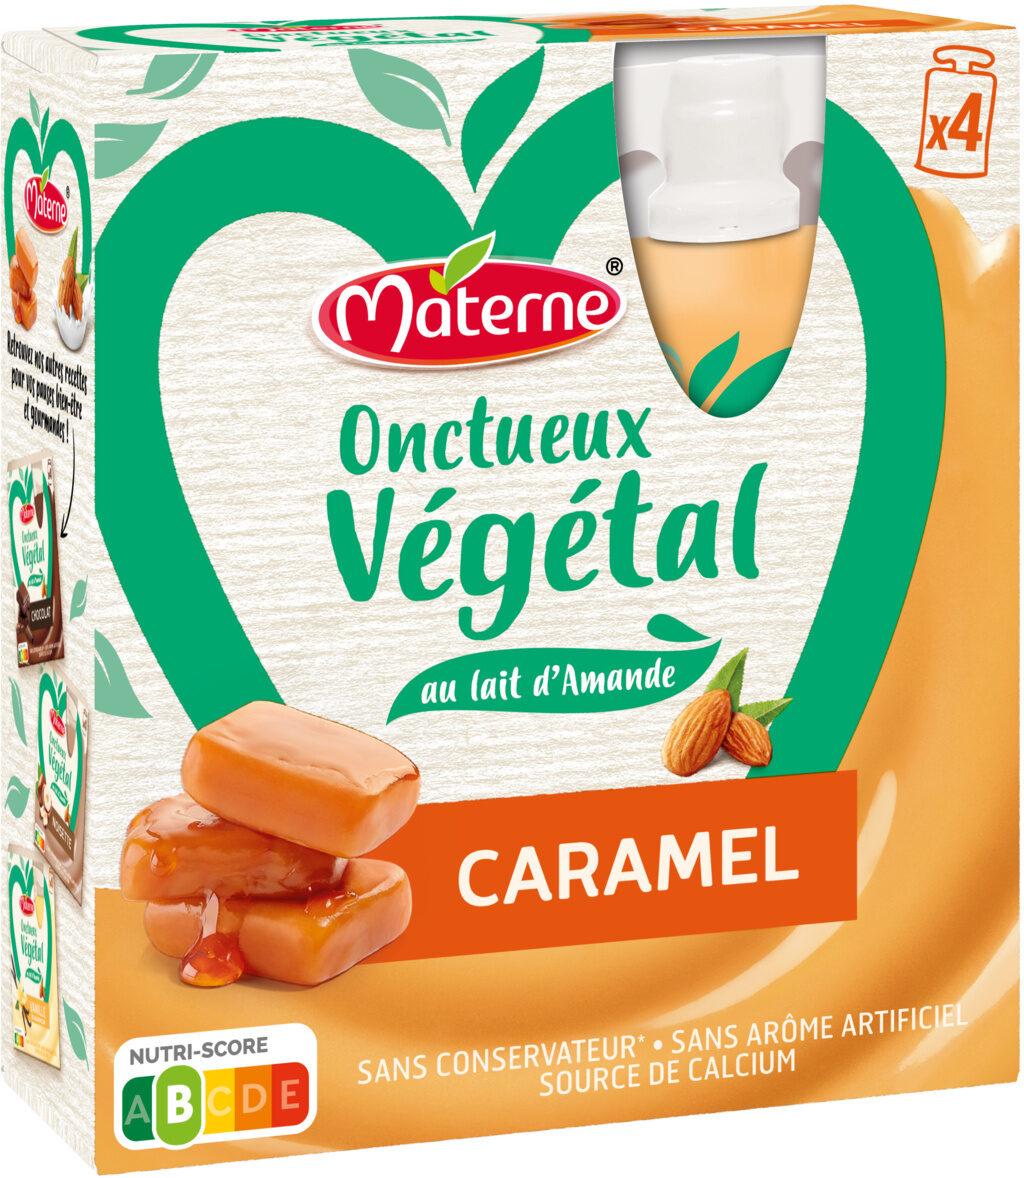 MATERNE Onctueux Végétal Caramel 4x85g - Produit - fr